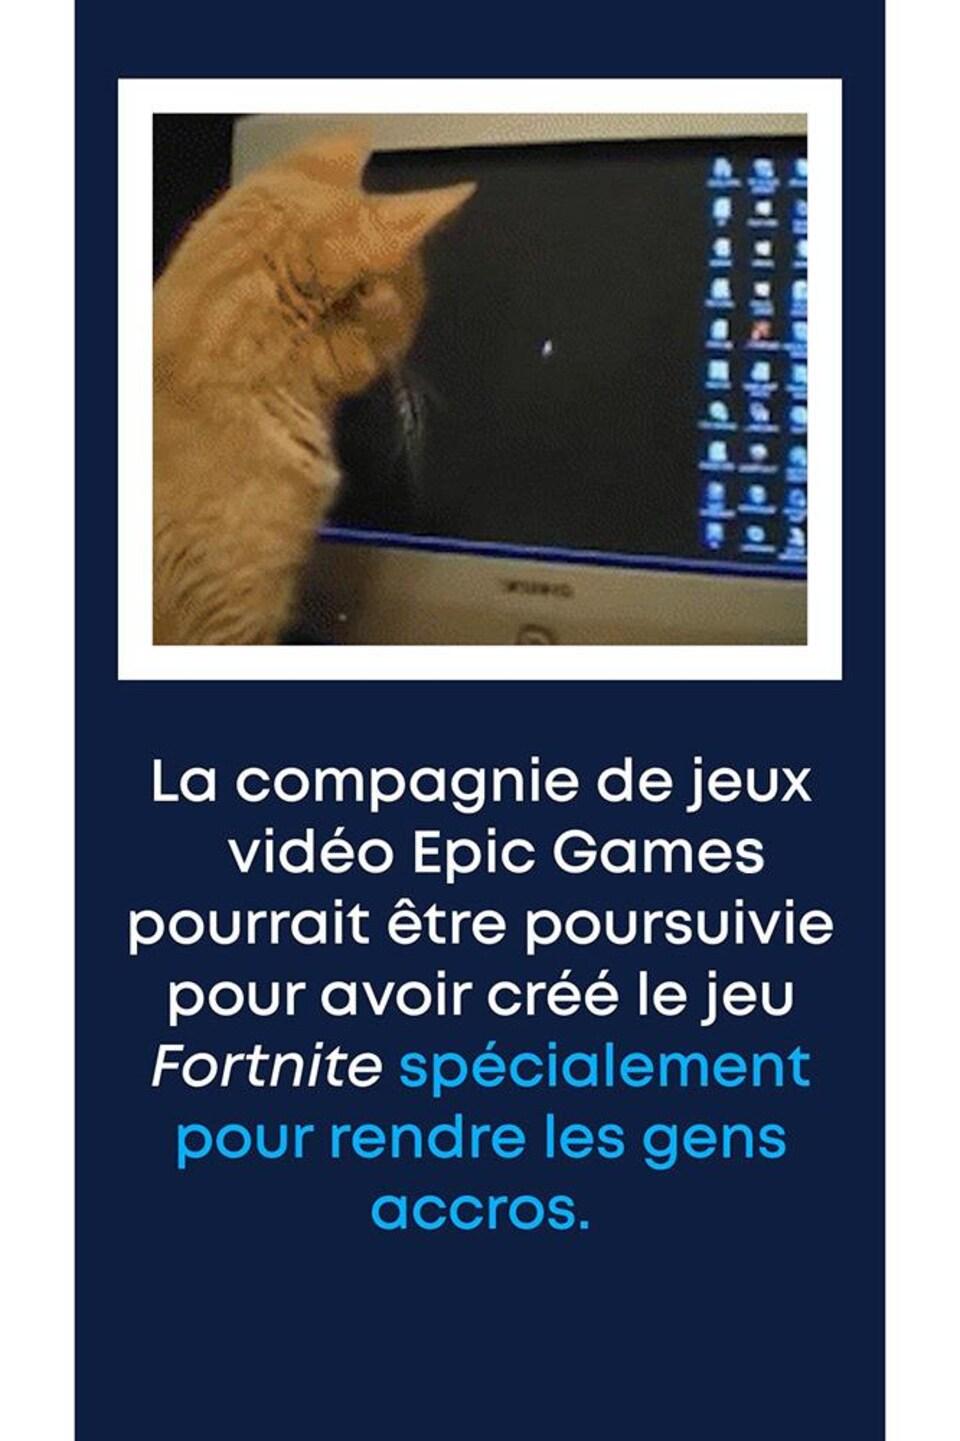 Image: un chat fixe le pointeur de la souris sur un écran d'ordinateur. Texte: « La compagnie de jeux vidéo Epic Games pourrait être poursuivie pour avoir créé le jeu Fortnite spécialement pour rendre les gens accros. »